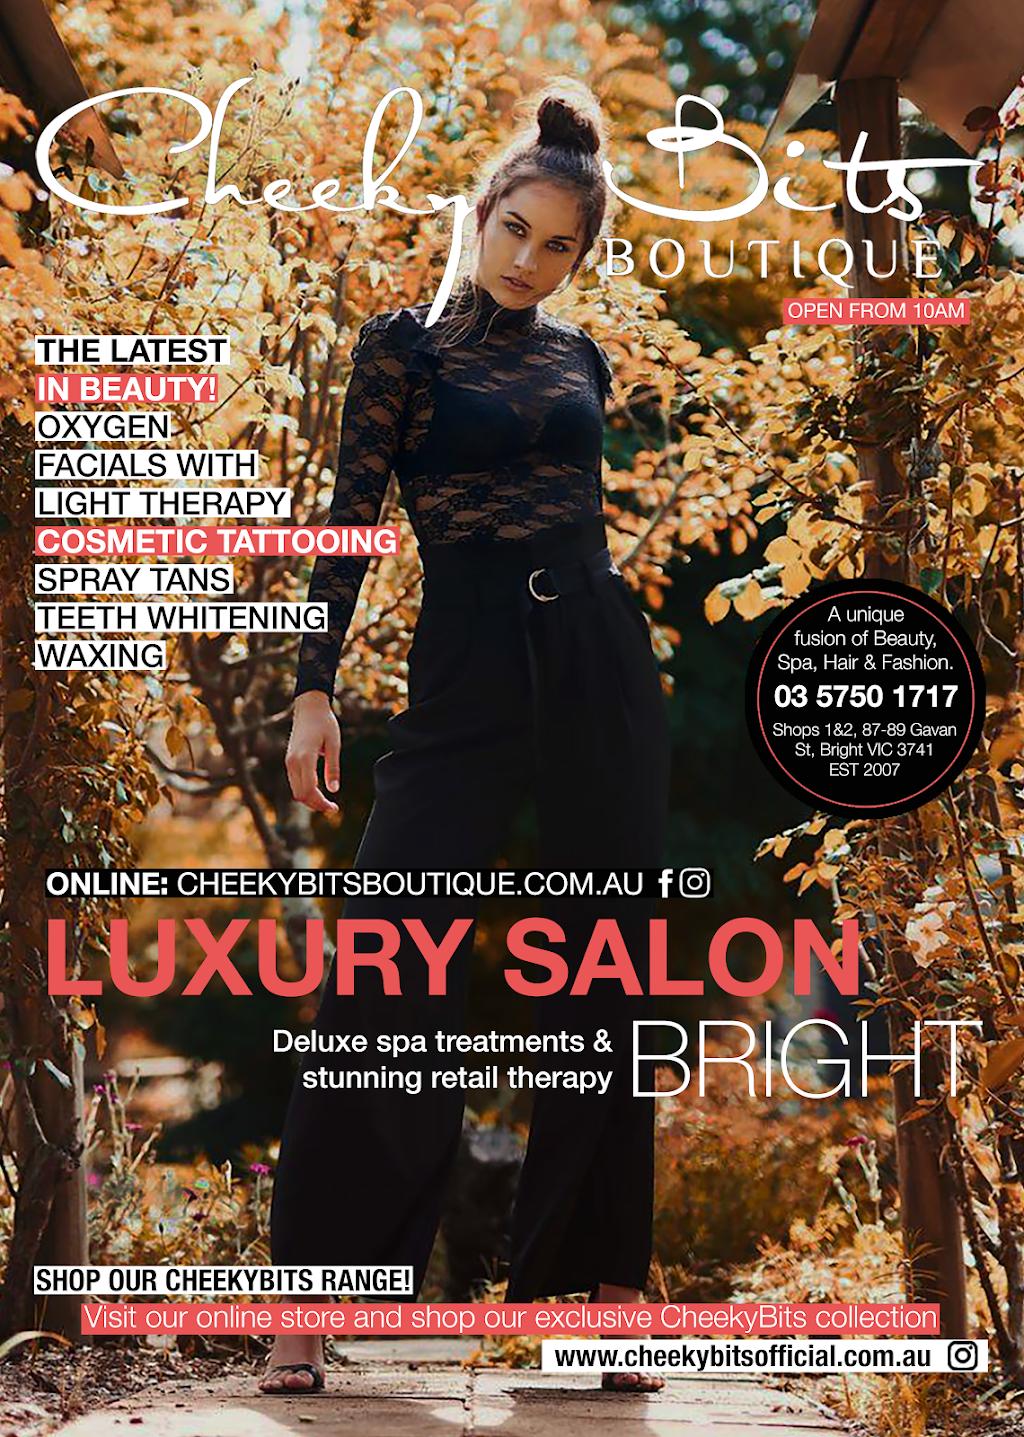 Cheeky Bits Boutique & Beauty, Spa & Hair Salon | dentist | Shop1&2/87-89 Gavan Street, Bright VIC 3741, Australia | 0357501717 OR +61 3 5750 1717